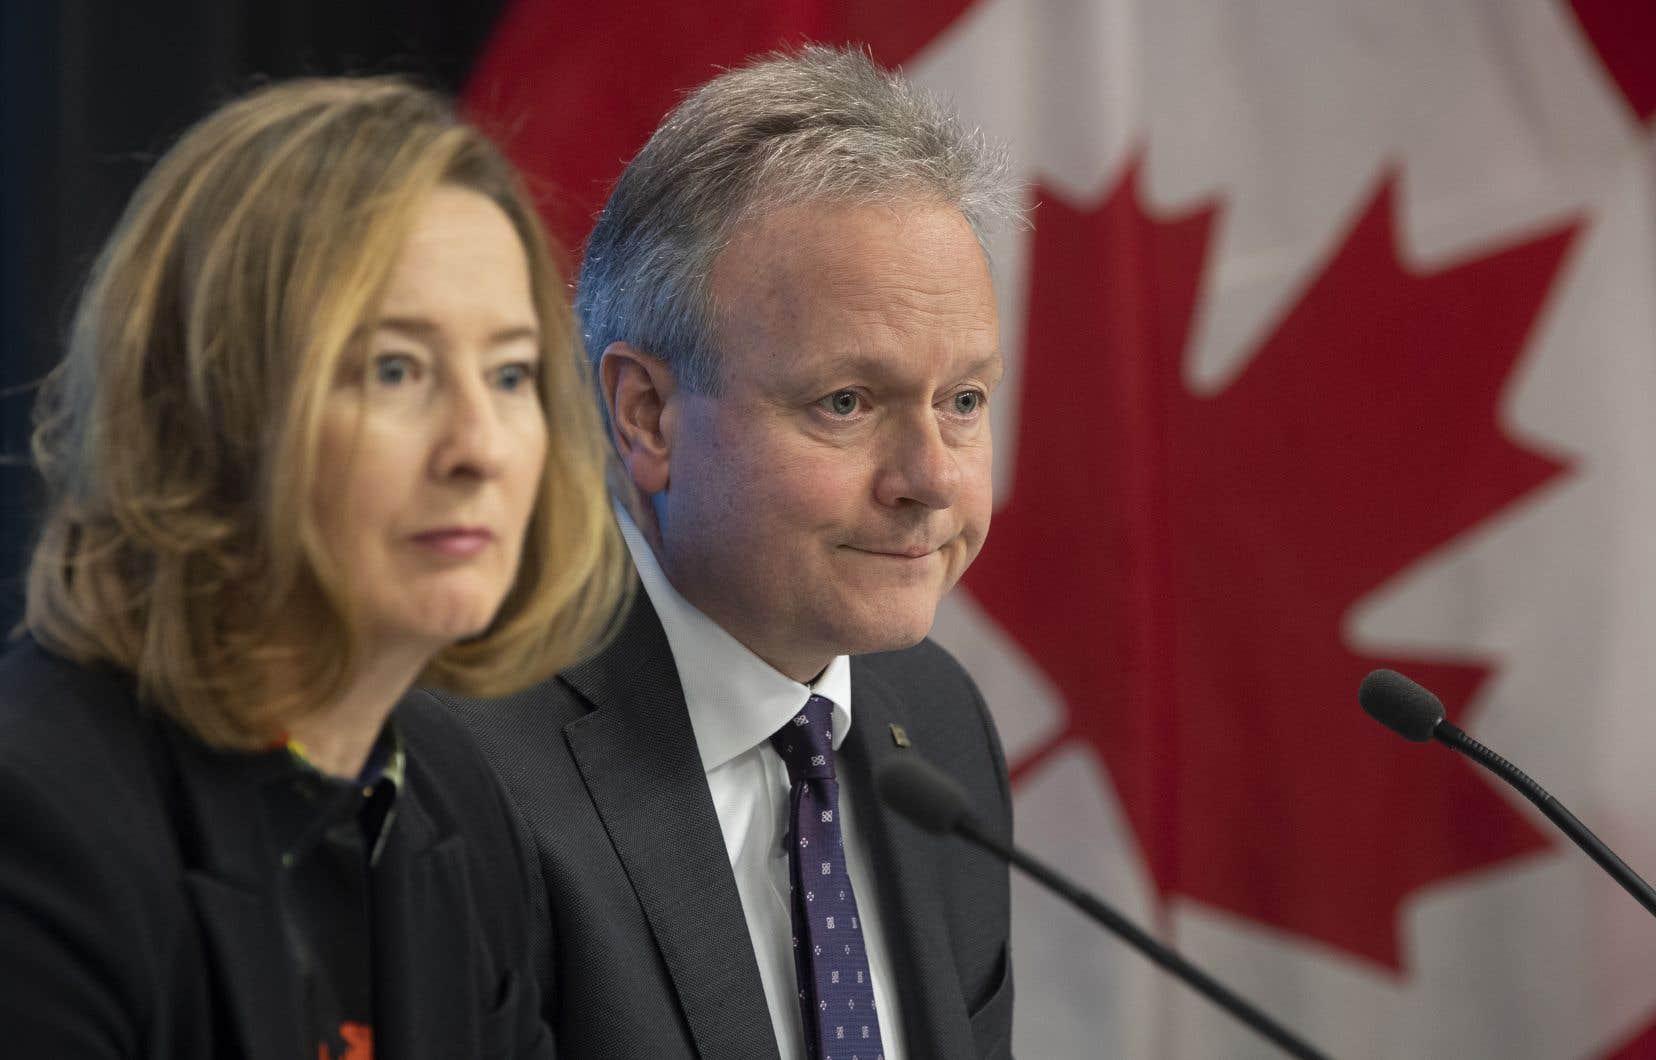 Ayant pour mission de garder l'inflation stable, la Banque du Canada s'attend, cette année, à atteindre presque exactement sa cible avec 1,9% en 2020. Sur la photo, le gouverneur Stephen Poloz et la première sous-gouverneure Carolyn Wilkins